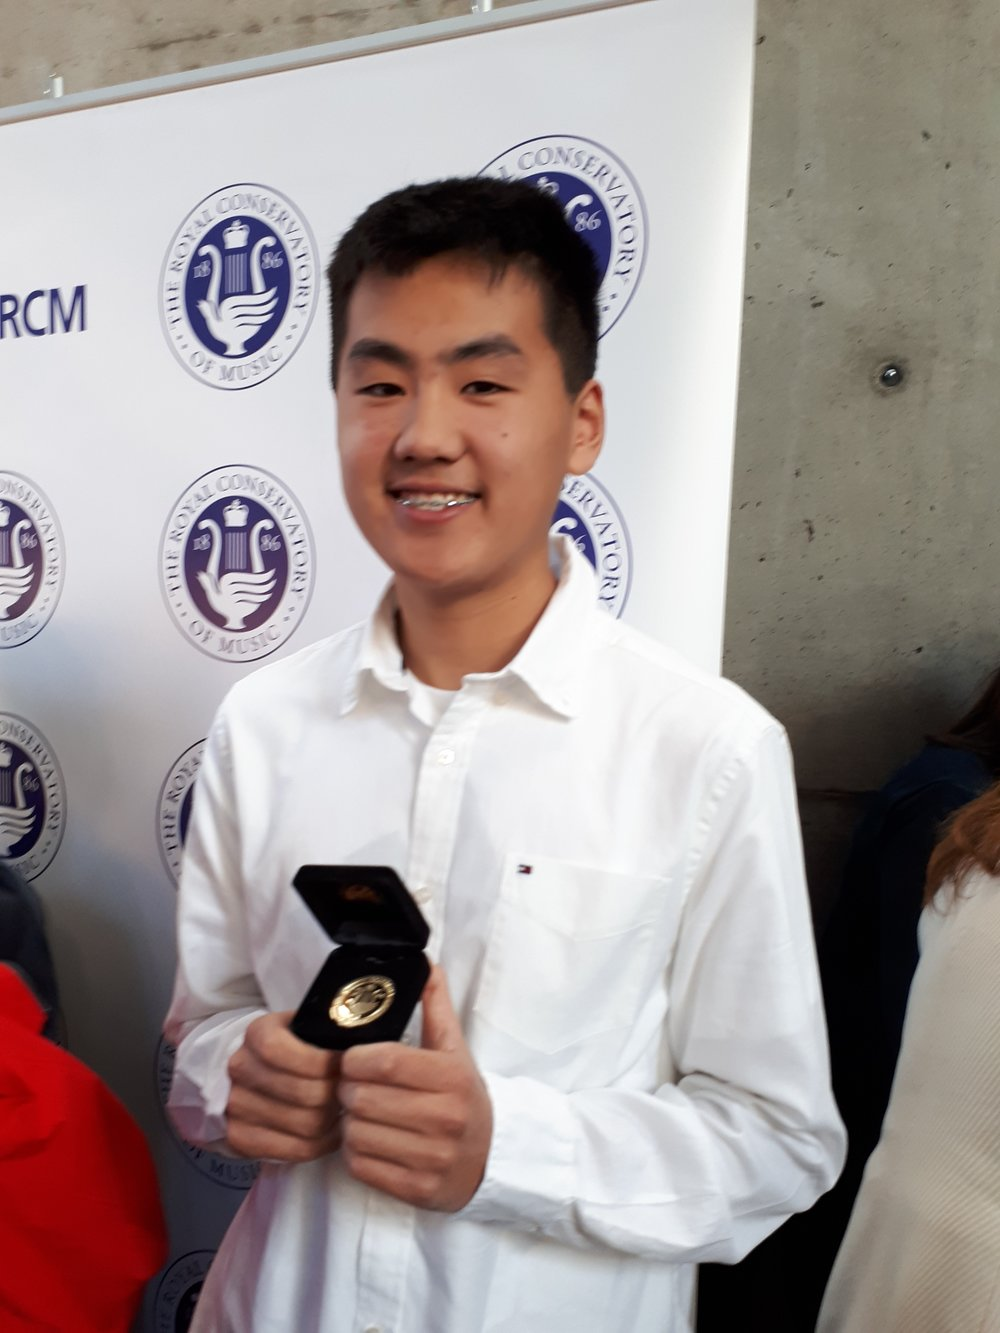 Yifan Hao - RCM Grade 7